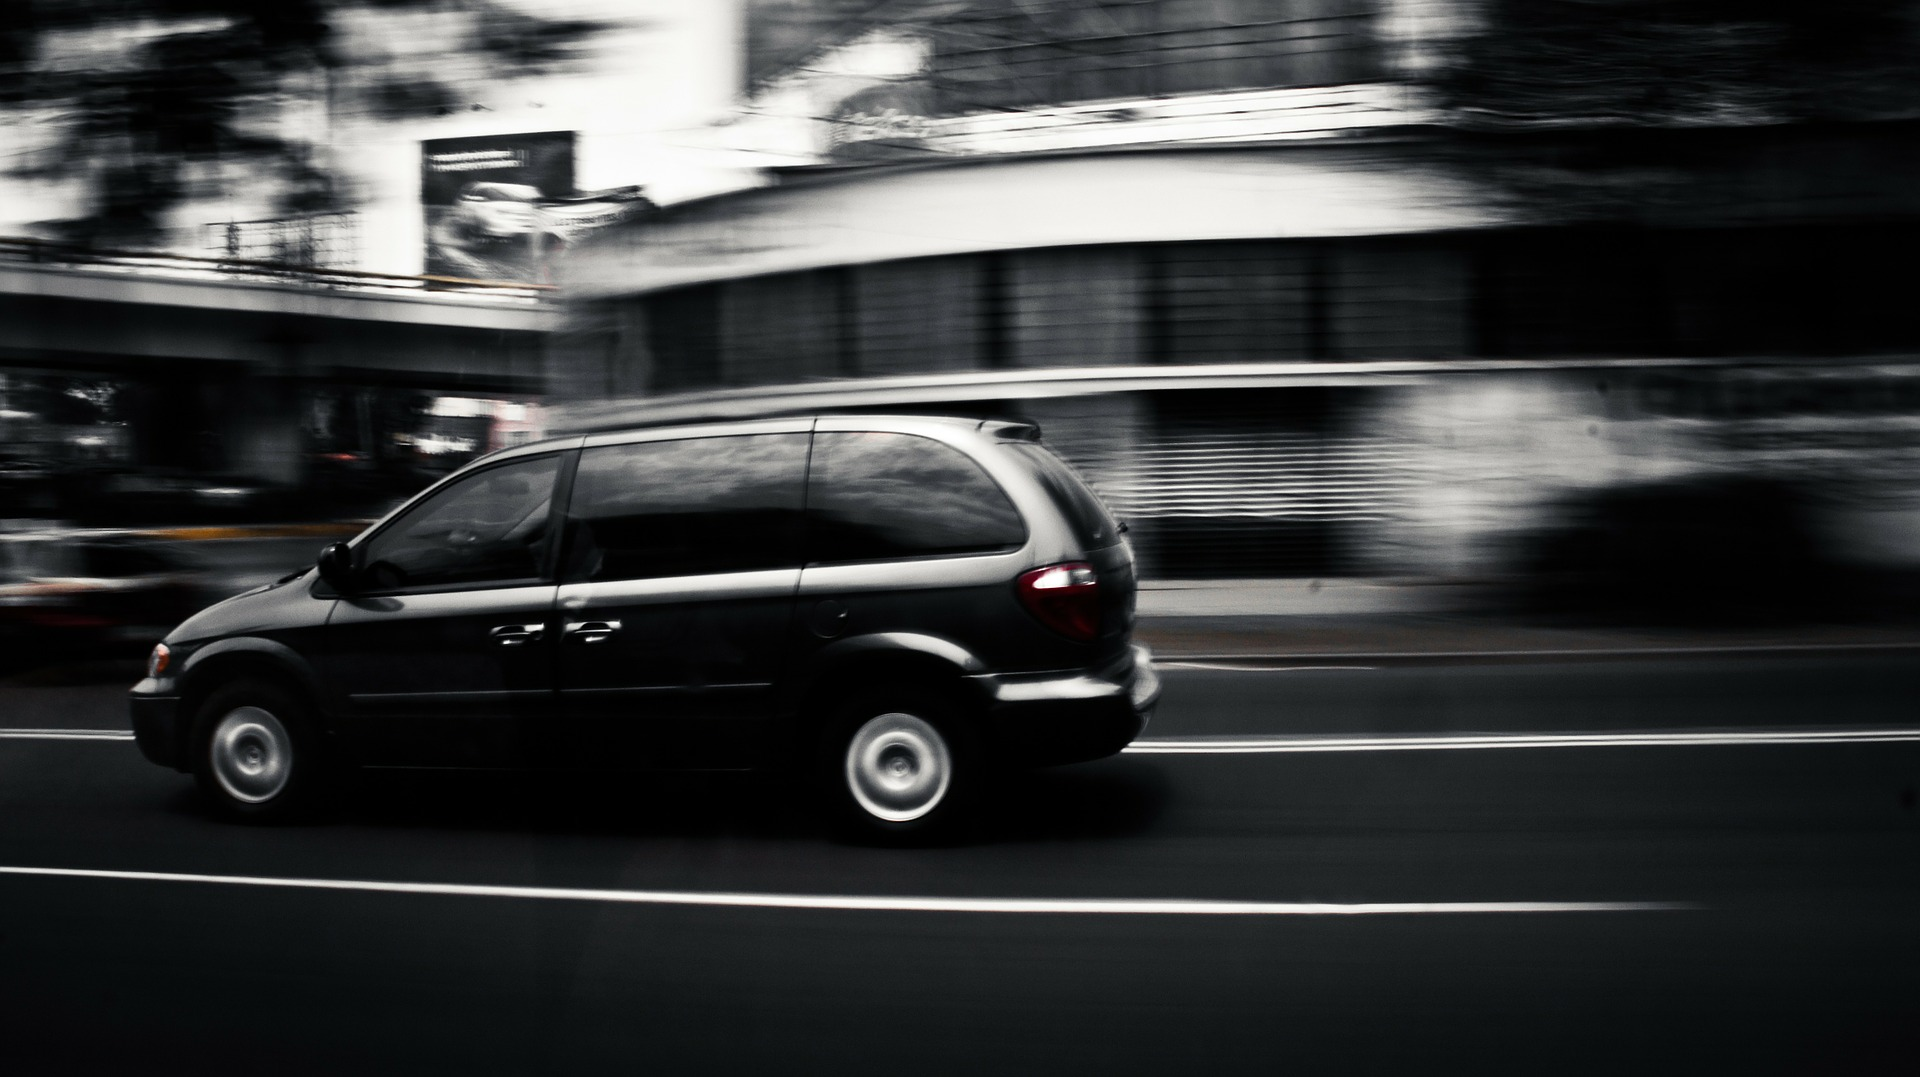 Jaki van wybrać na taxi?